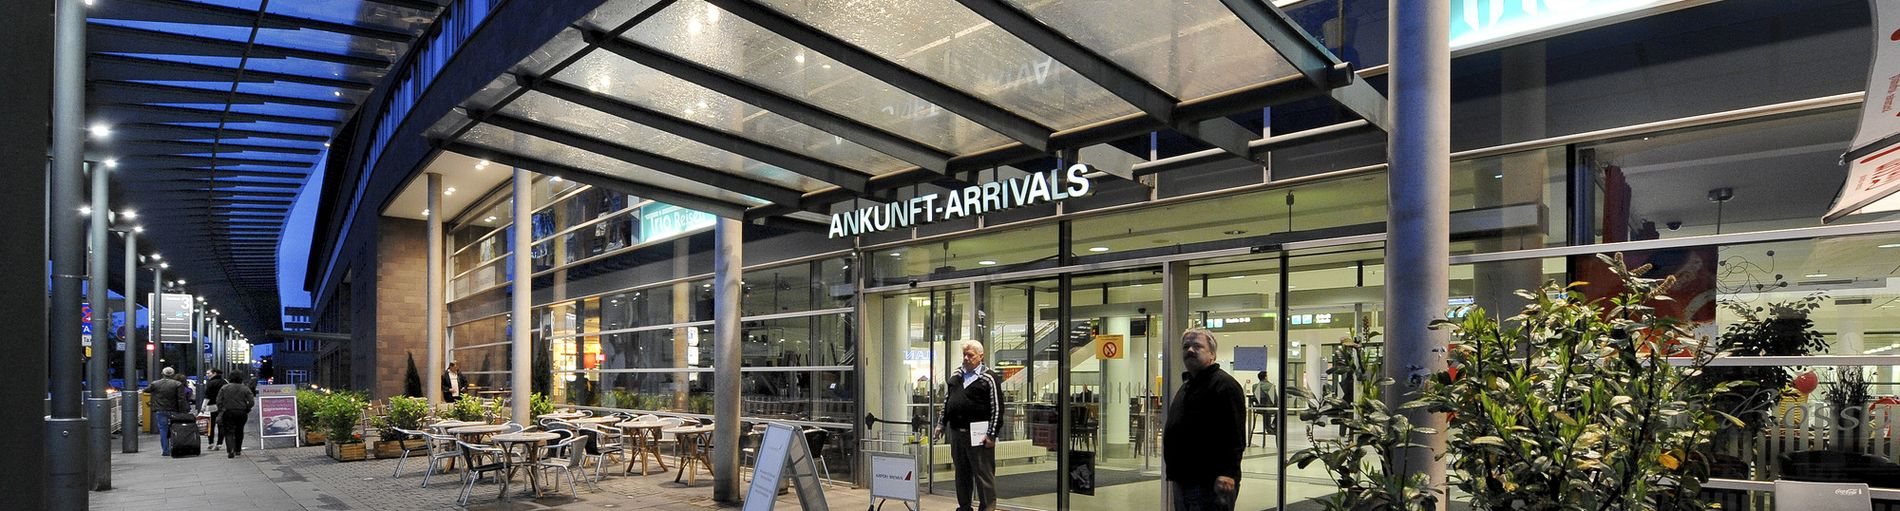 Außenaufnahme des Bremen Airport